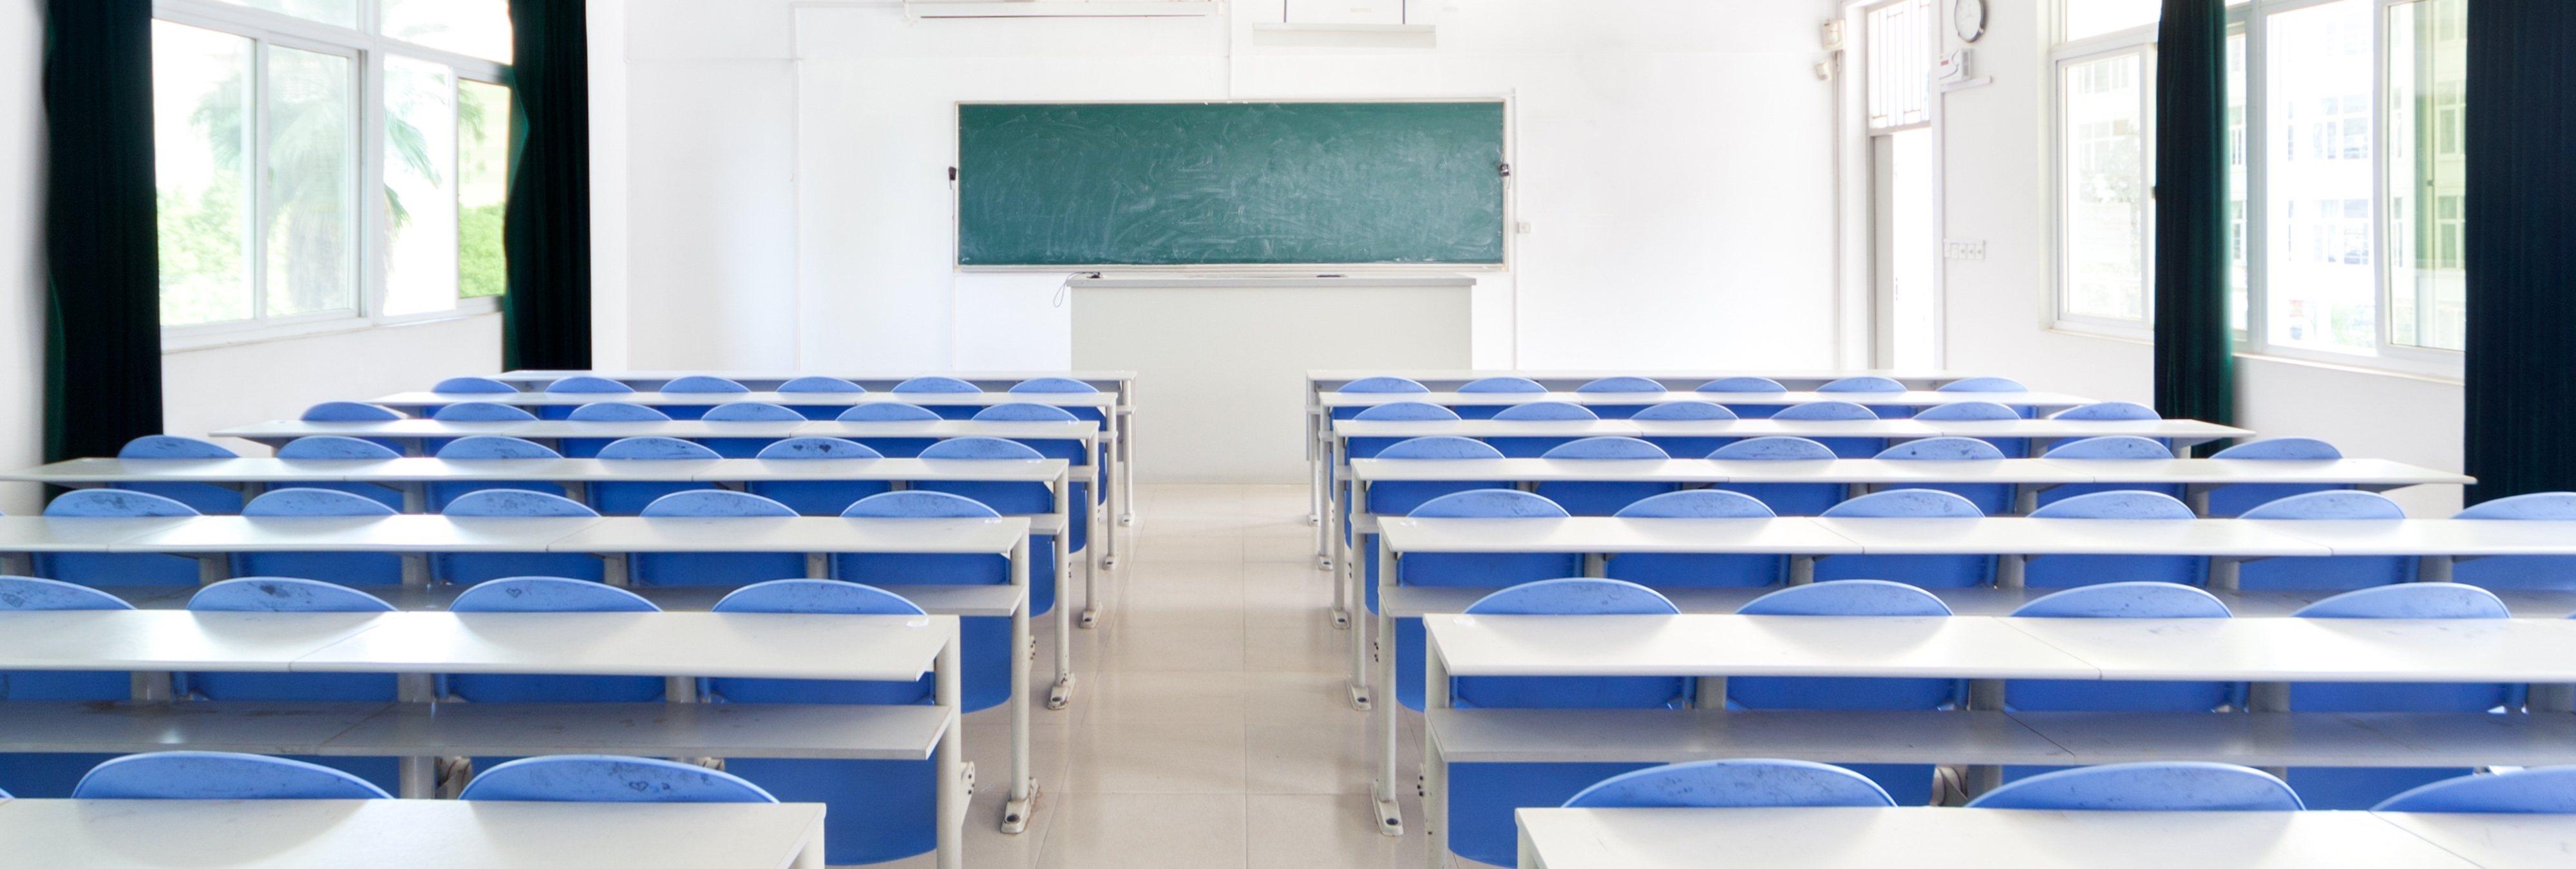 Detenidos dos menores franceses tras encañonar con una pistola a su profesora en el aula